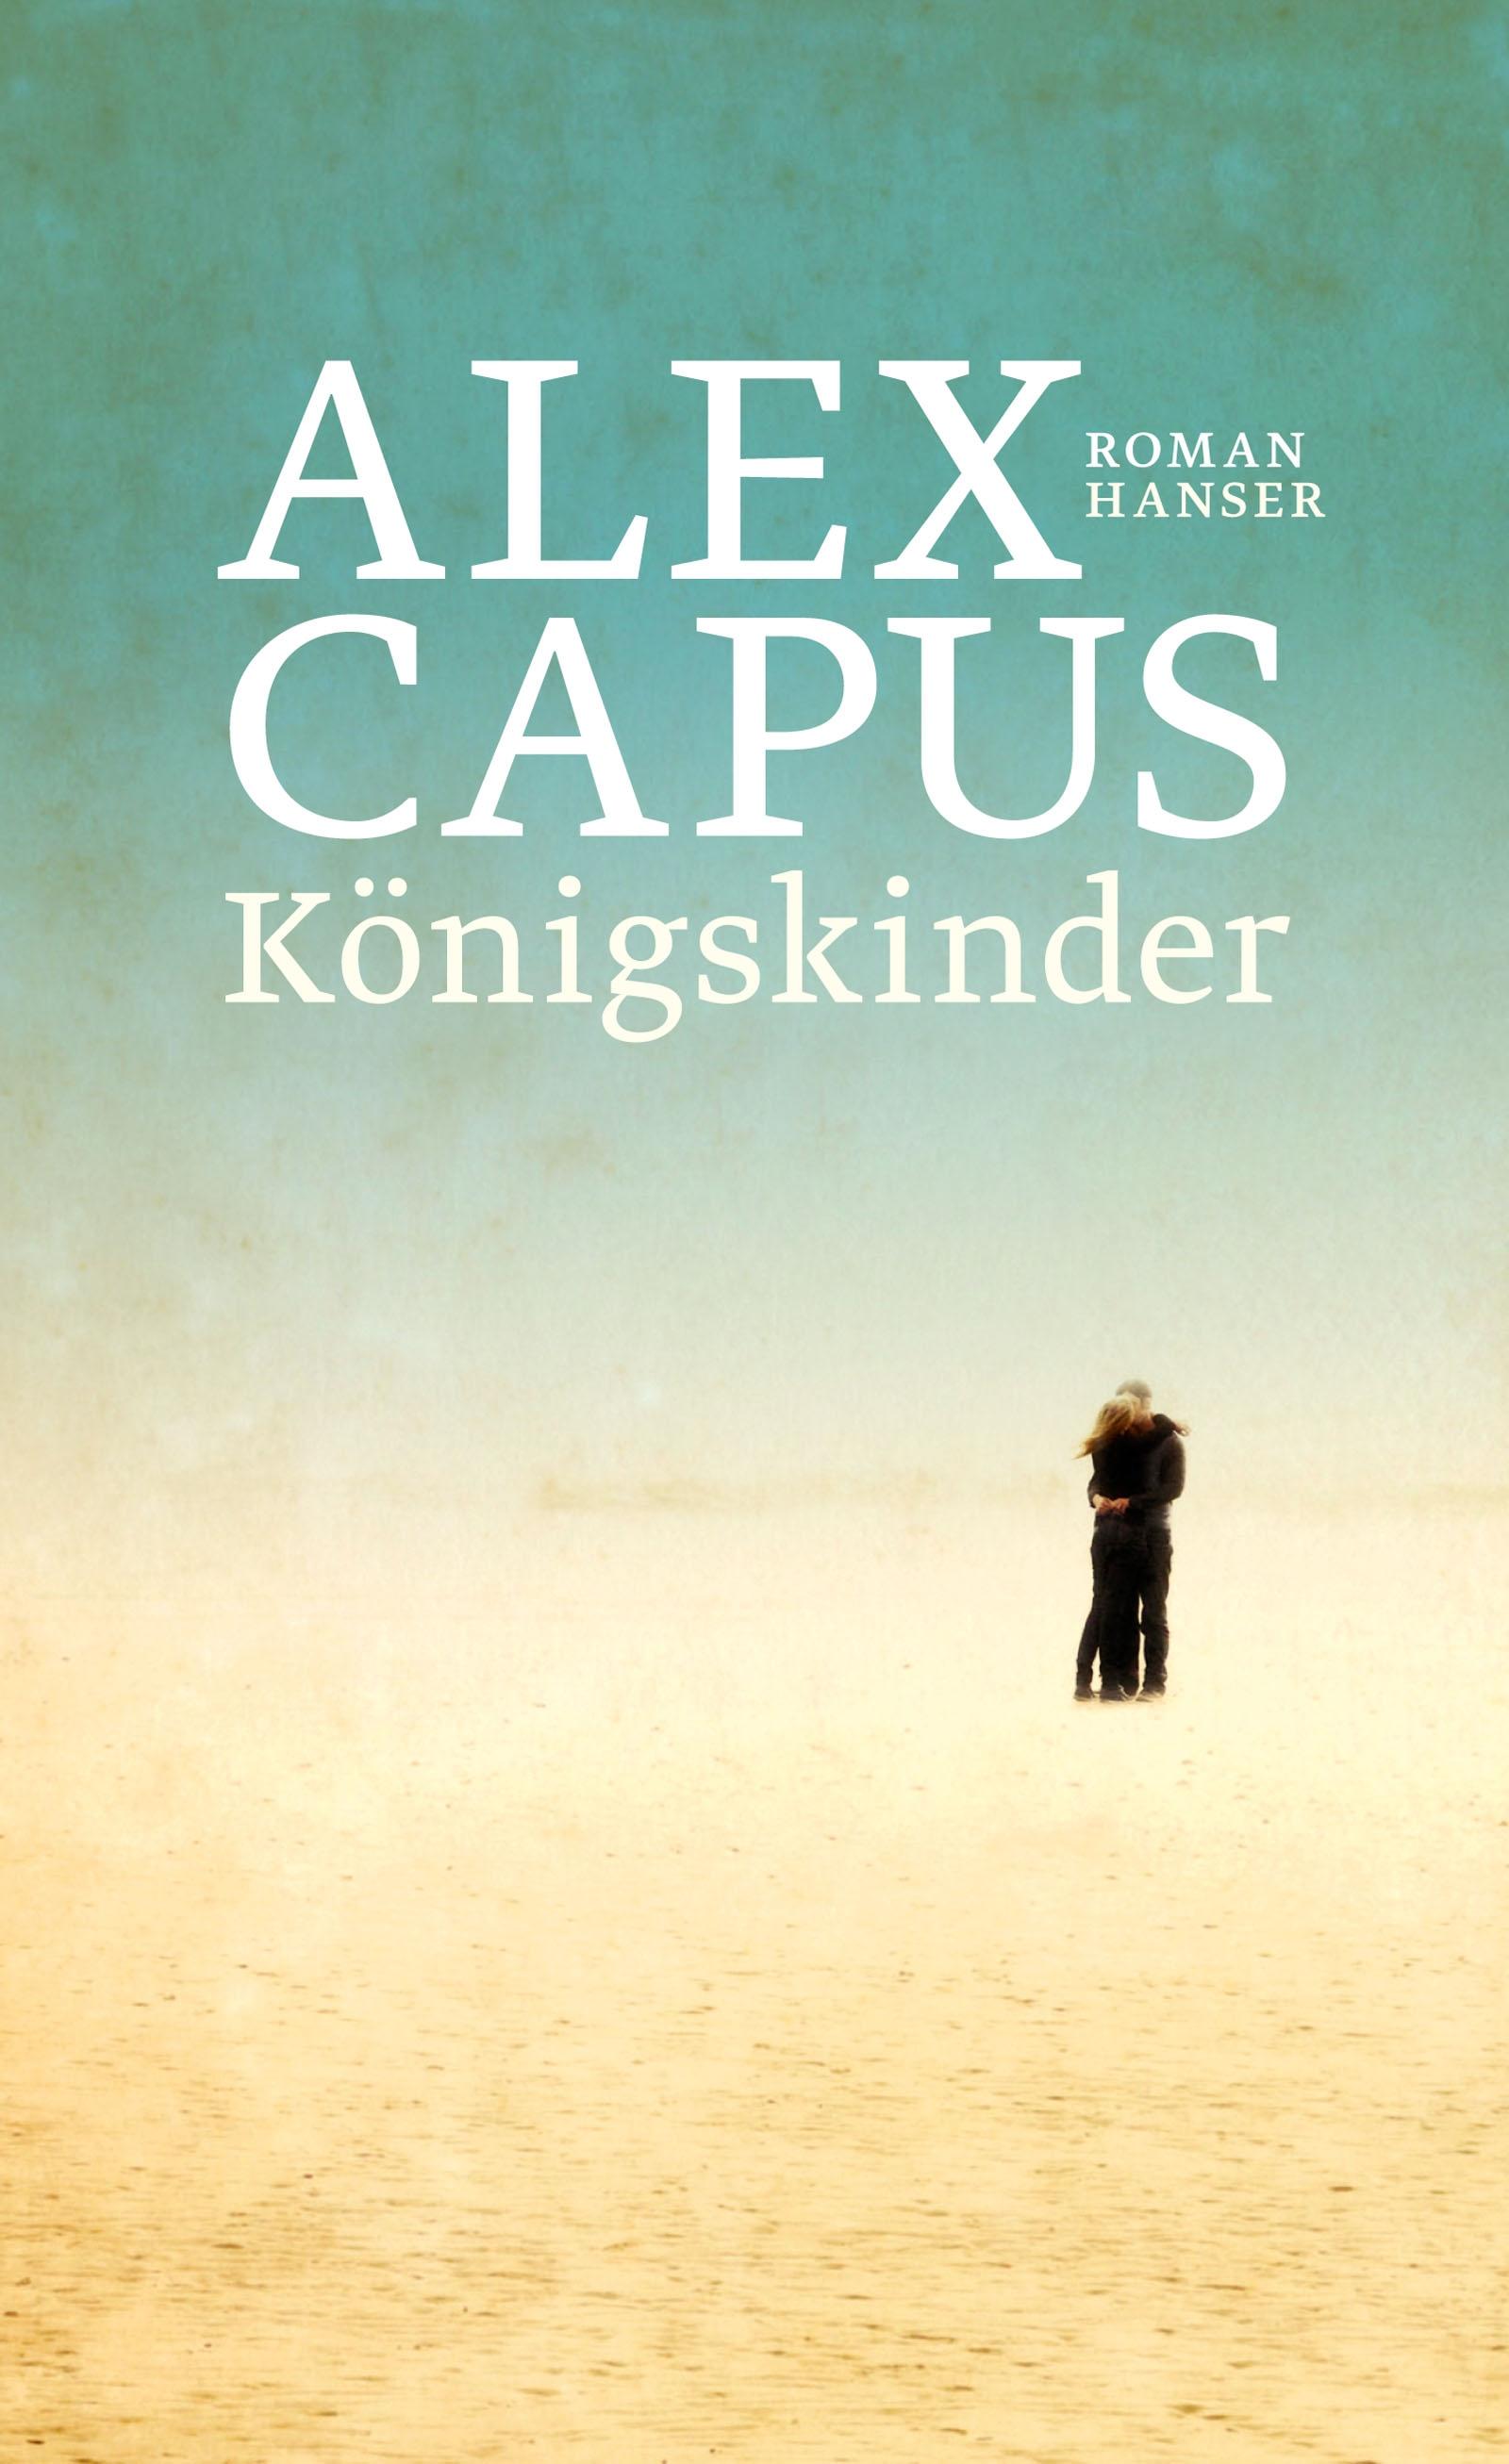 https://www.hanser-literaturverlage.de/buch/koenigskinder/978-3-446-26009-2/